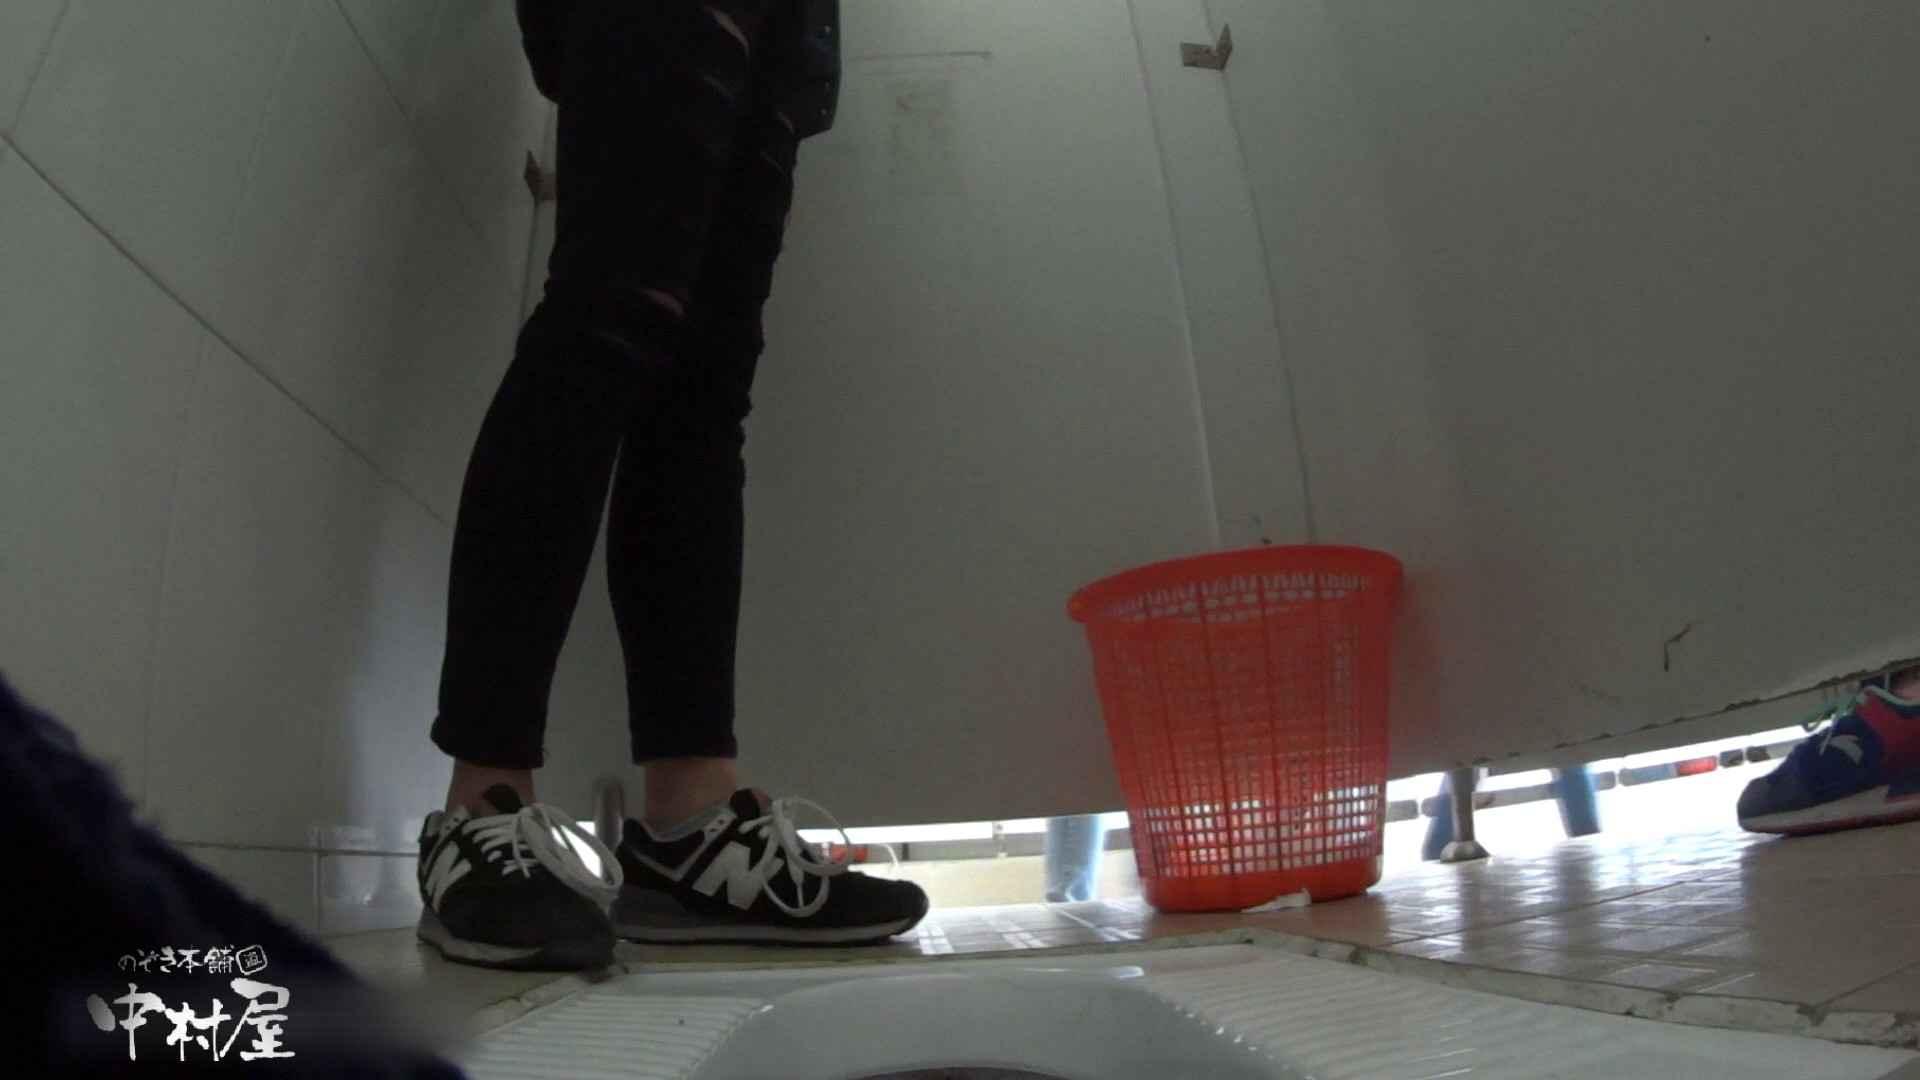 色気のある眼鏡さんの放nyo大学休憩時間の洗面所事情28 洗面所 オマンコ動画キャプチャ 91連発 27